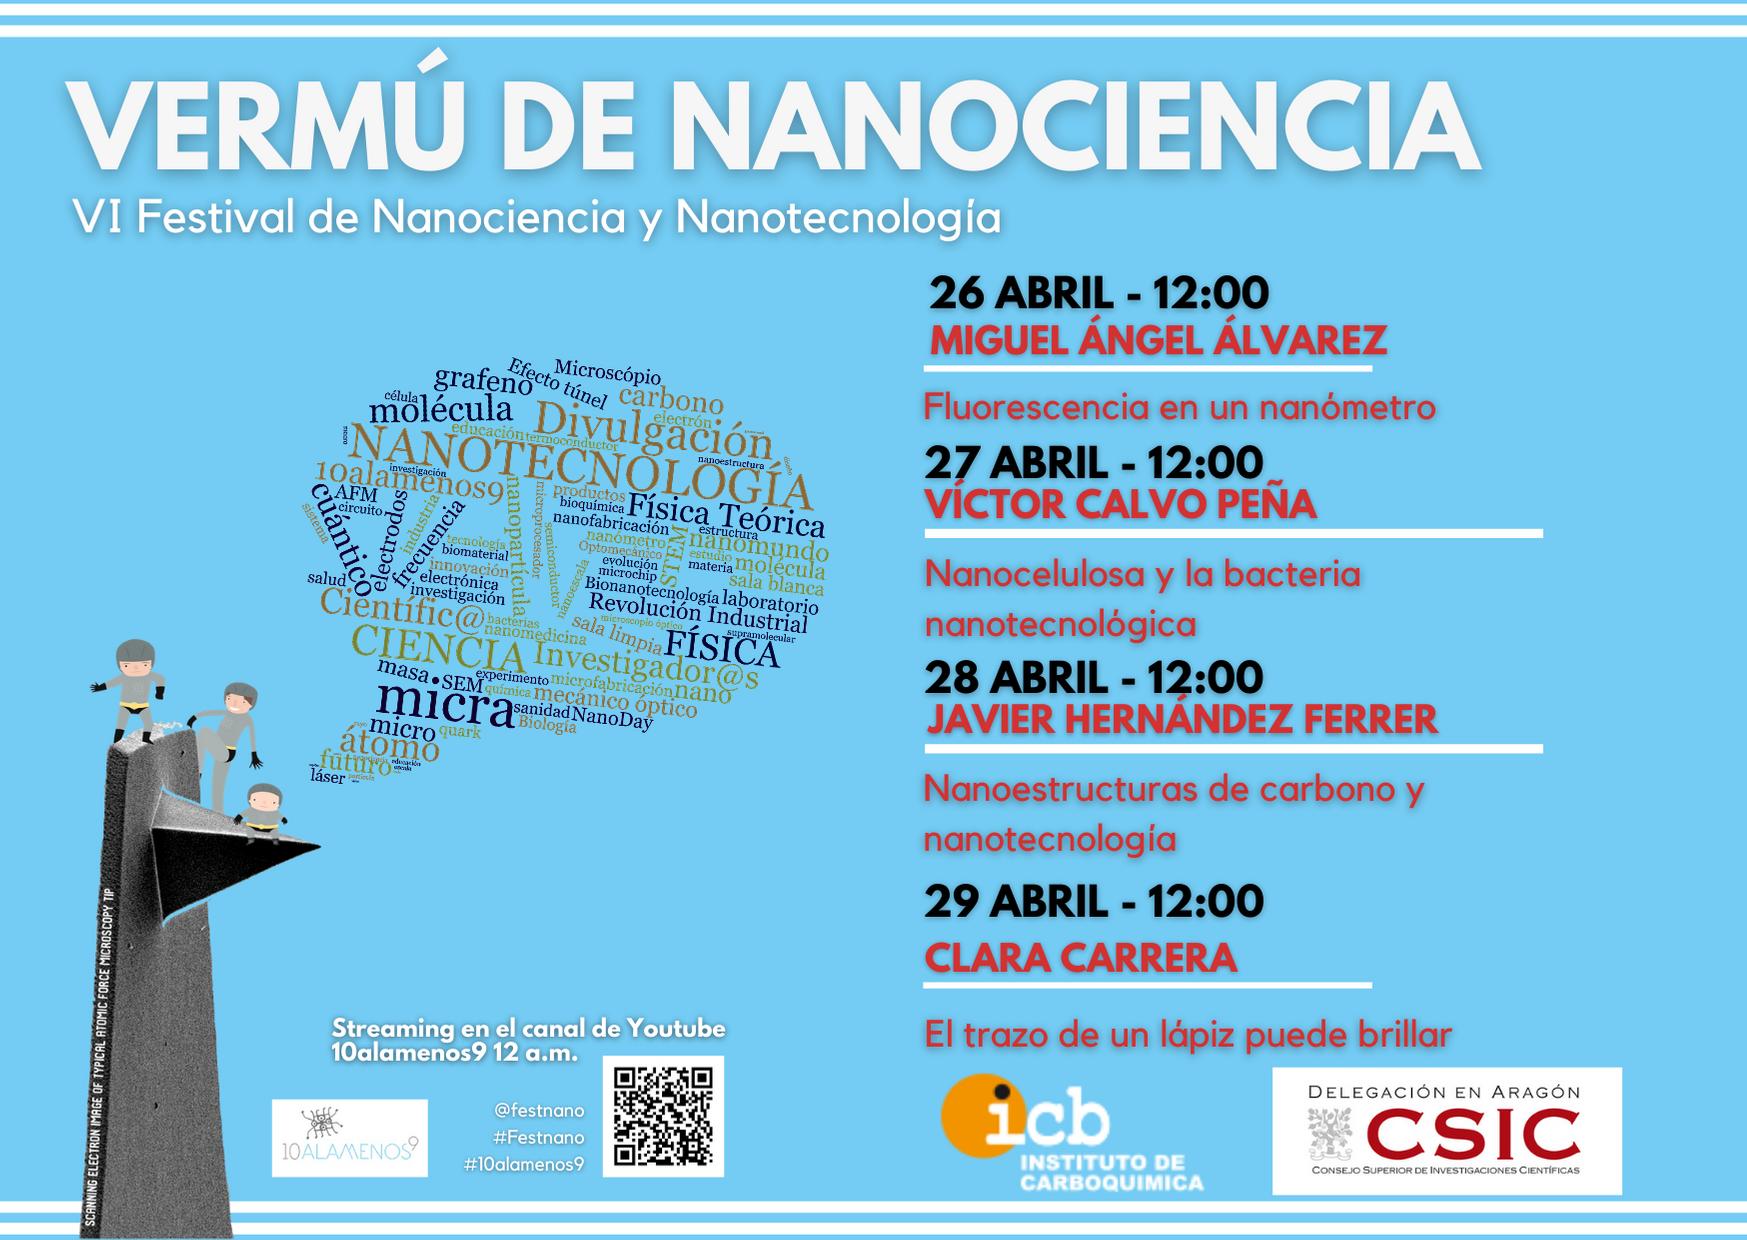 Vermú de Nanociencia VI Festival de Nanociencia y Nanotecnología